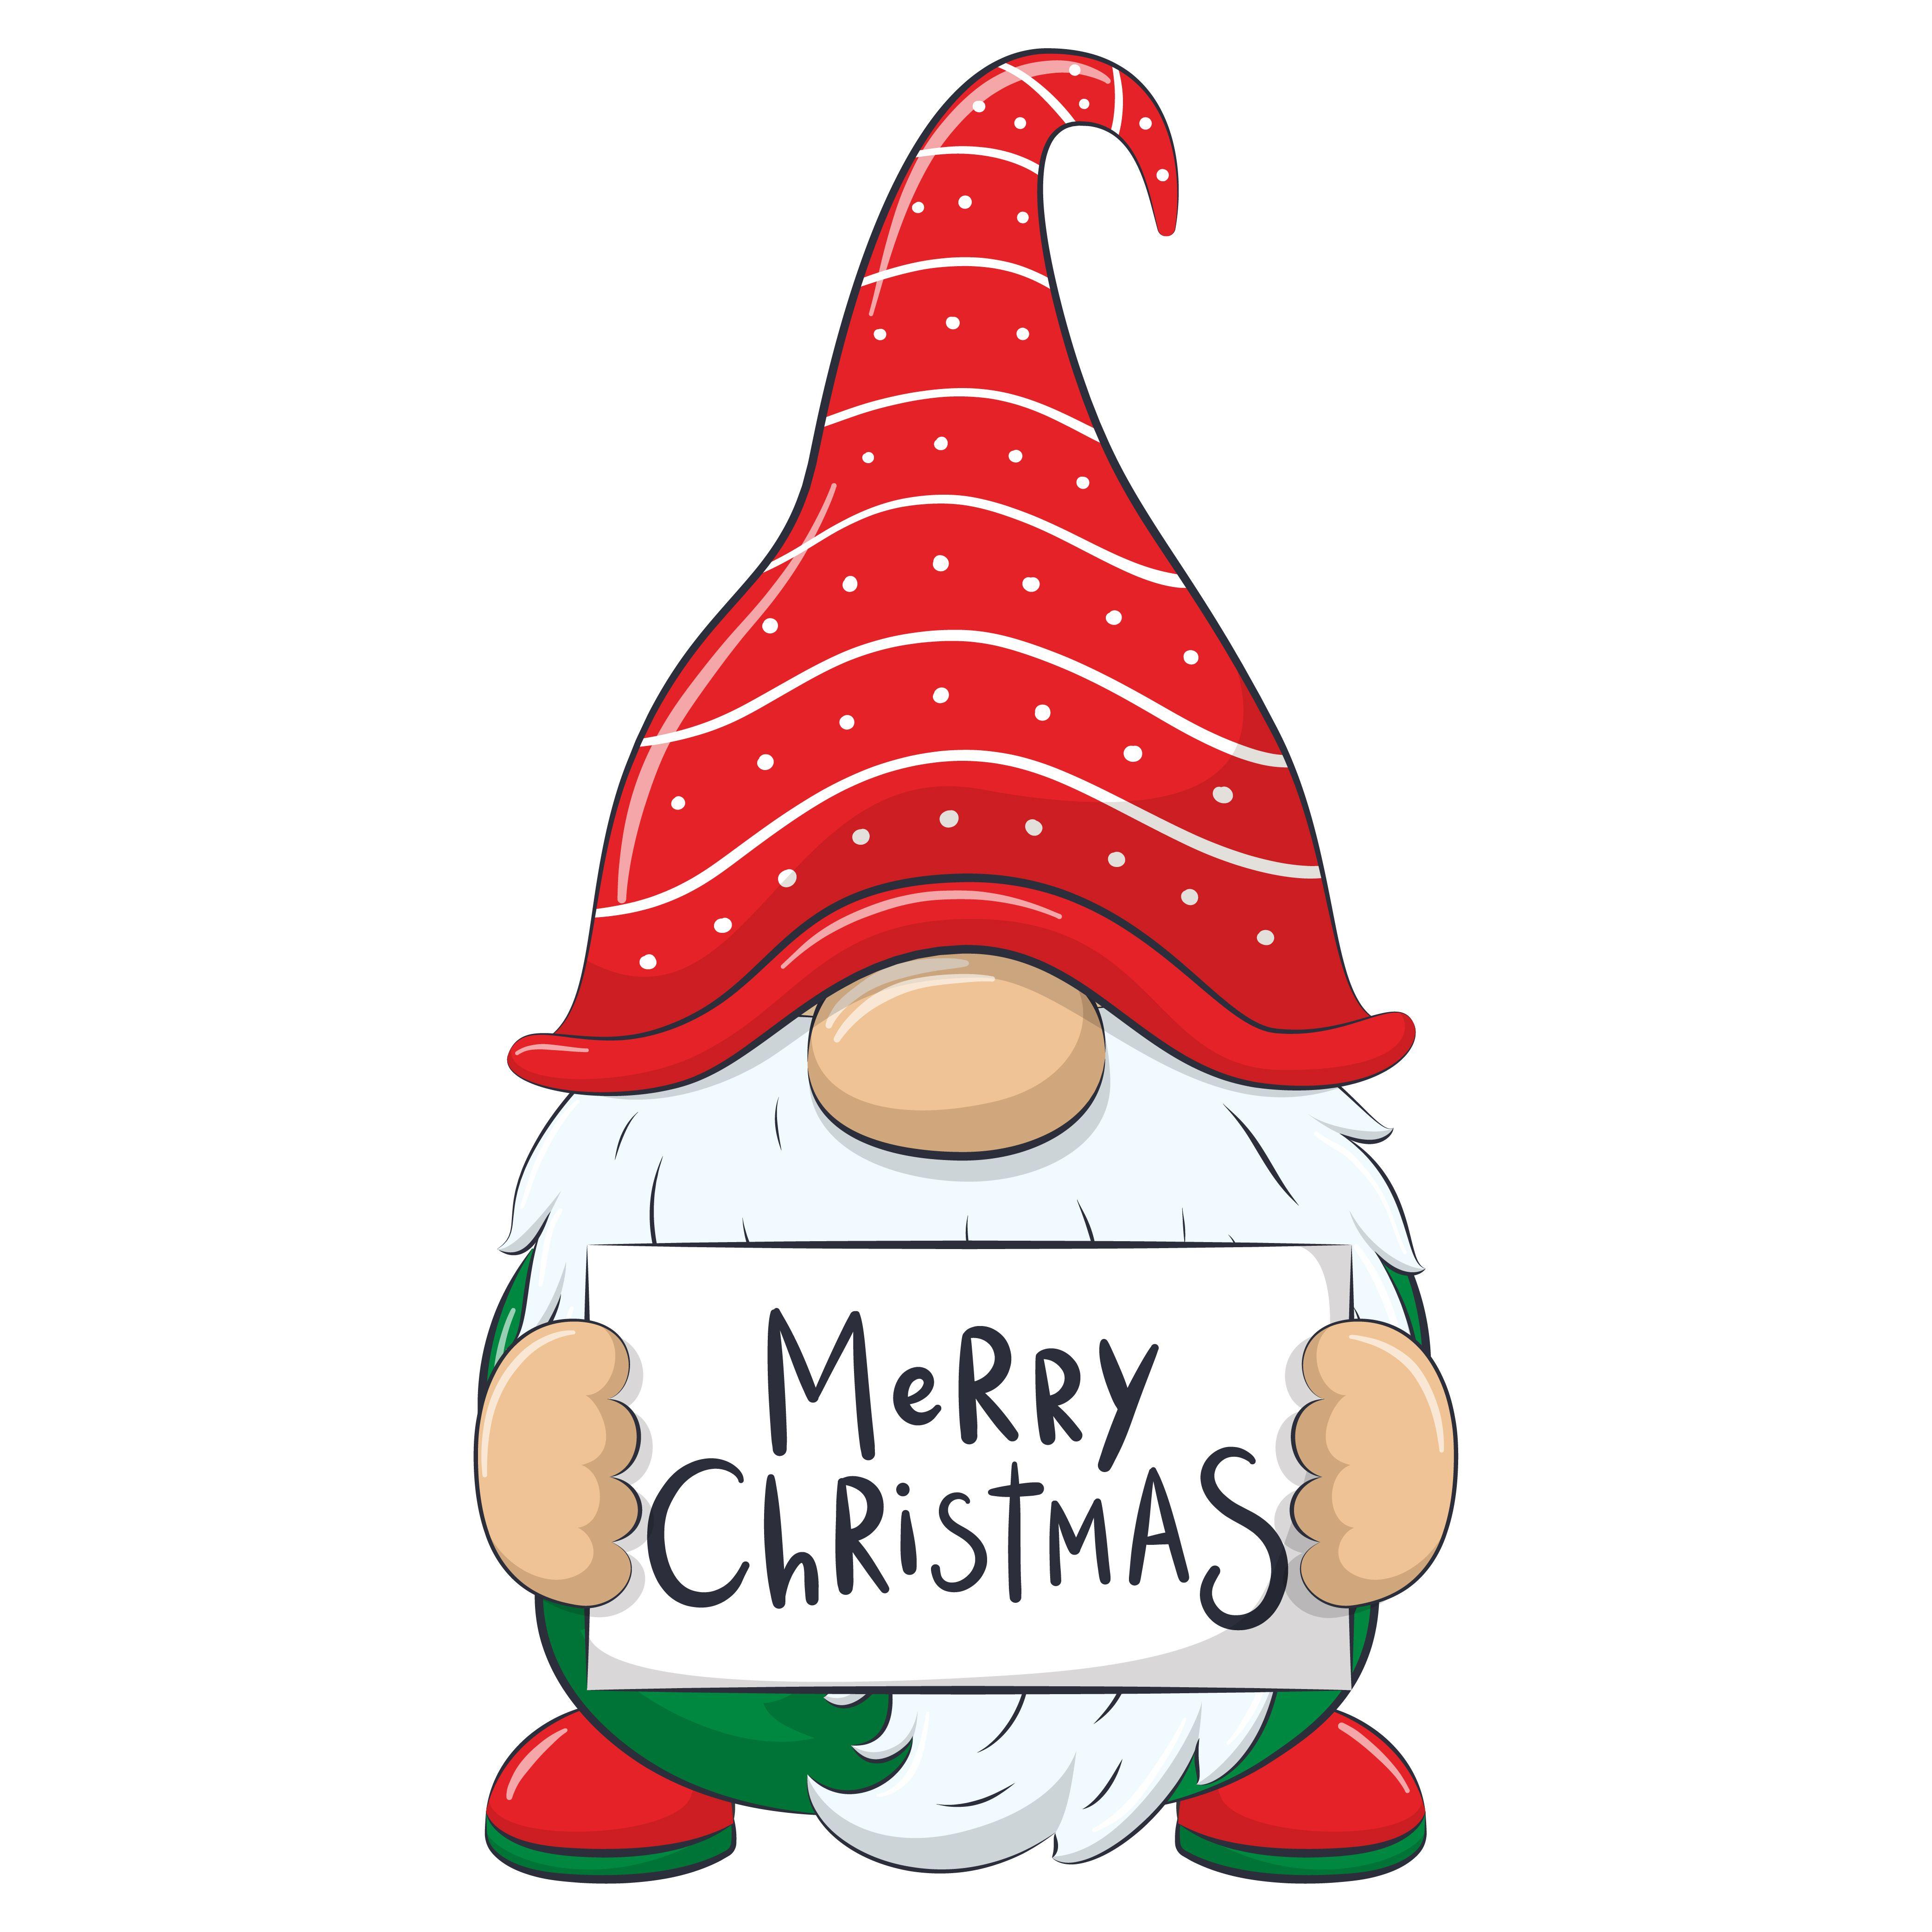 Christmas Gnome Clipart Eps Png Jpeg Nordic Gnome New Year Etsy In 2020 Christmas Gnome Christmas Drawing Christmas Art